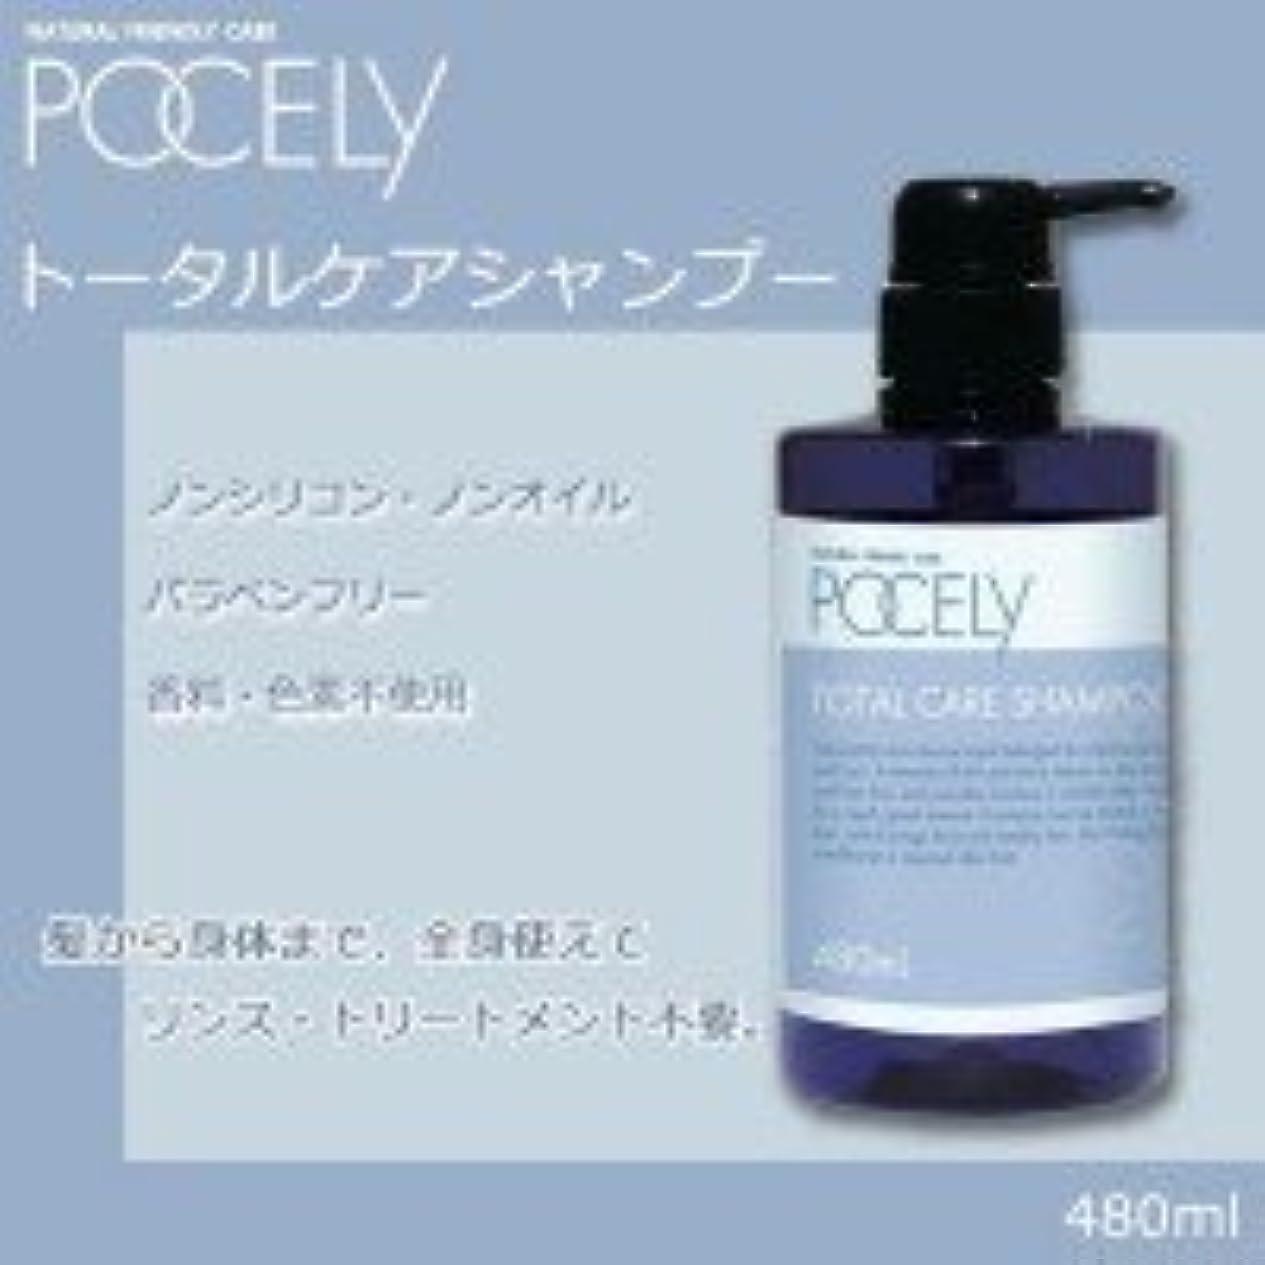 アカウント学生者皮膚医学に基づいて開発! POCELY(ポーセリー) トータルケアシャンプー480ml